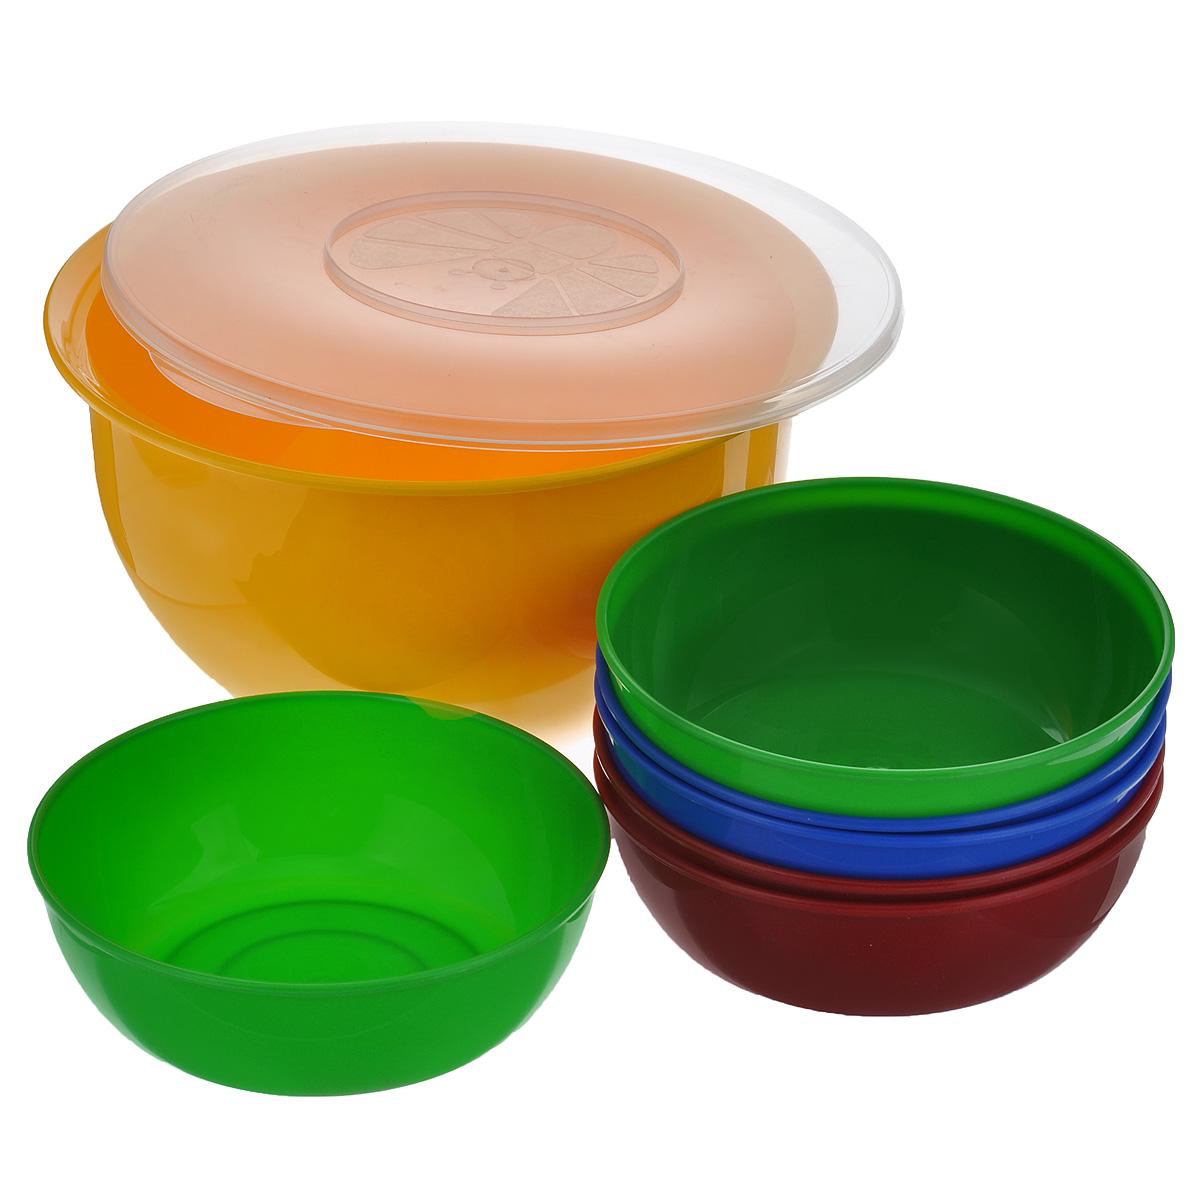 Набор посуды Solaris, 7 предметов. S1606S1606В состав набора Solaris входит 6 универсальных мисок и большая миска с герметичной крышкой. Большую миску можно использовать как пищевой контейнер, для приготовления салата, мариновки шашлыка и т.п. Свойства посуды: Посуда из ударопрочного пищевого полипропилена предназначена для многократного использования. Легкая, прочная и износостойкая, экологически чистая, эта посуда работает в диапазоне температур от -25°С до +110°С. Можно мыть в посудомоечной машине. Эта посуда также обеспечивает: Хранение горячих и холодных пищевых продуктов; Разогрев продуктов в микроволновой печи; Приготовление пищи в микроволновой печи на пару (пароварка); Хранение продуктов в холодильной и морозильной камере; Кипячение воды с помощью электрокипятильника. Объем большой миски: 3 л. Диаметр большой миски: 22,5 см. Высота большой миски: 12,7 см. Объем небольших мисок: 0,6 л. Диаметр небольших мисок: 15,3 см. Высота небольших...